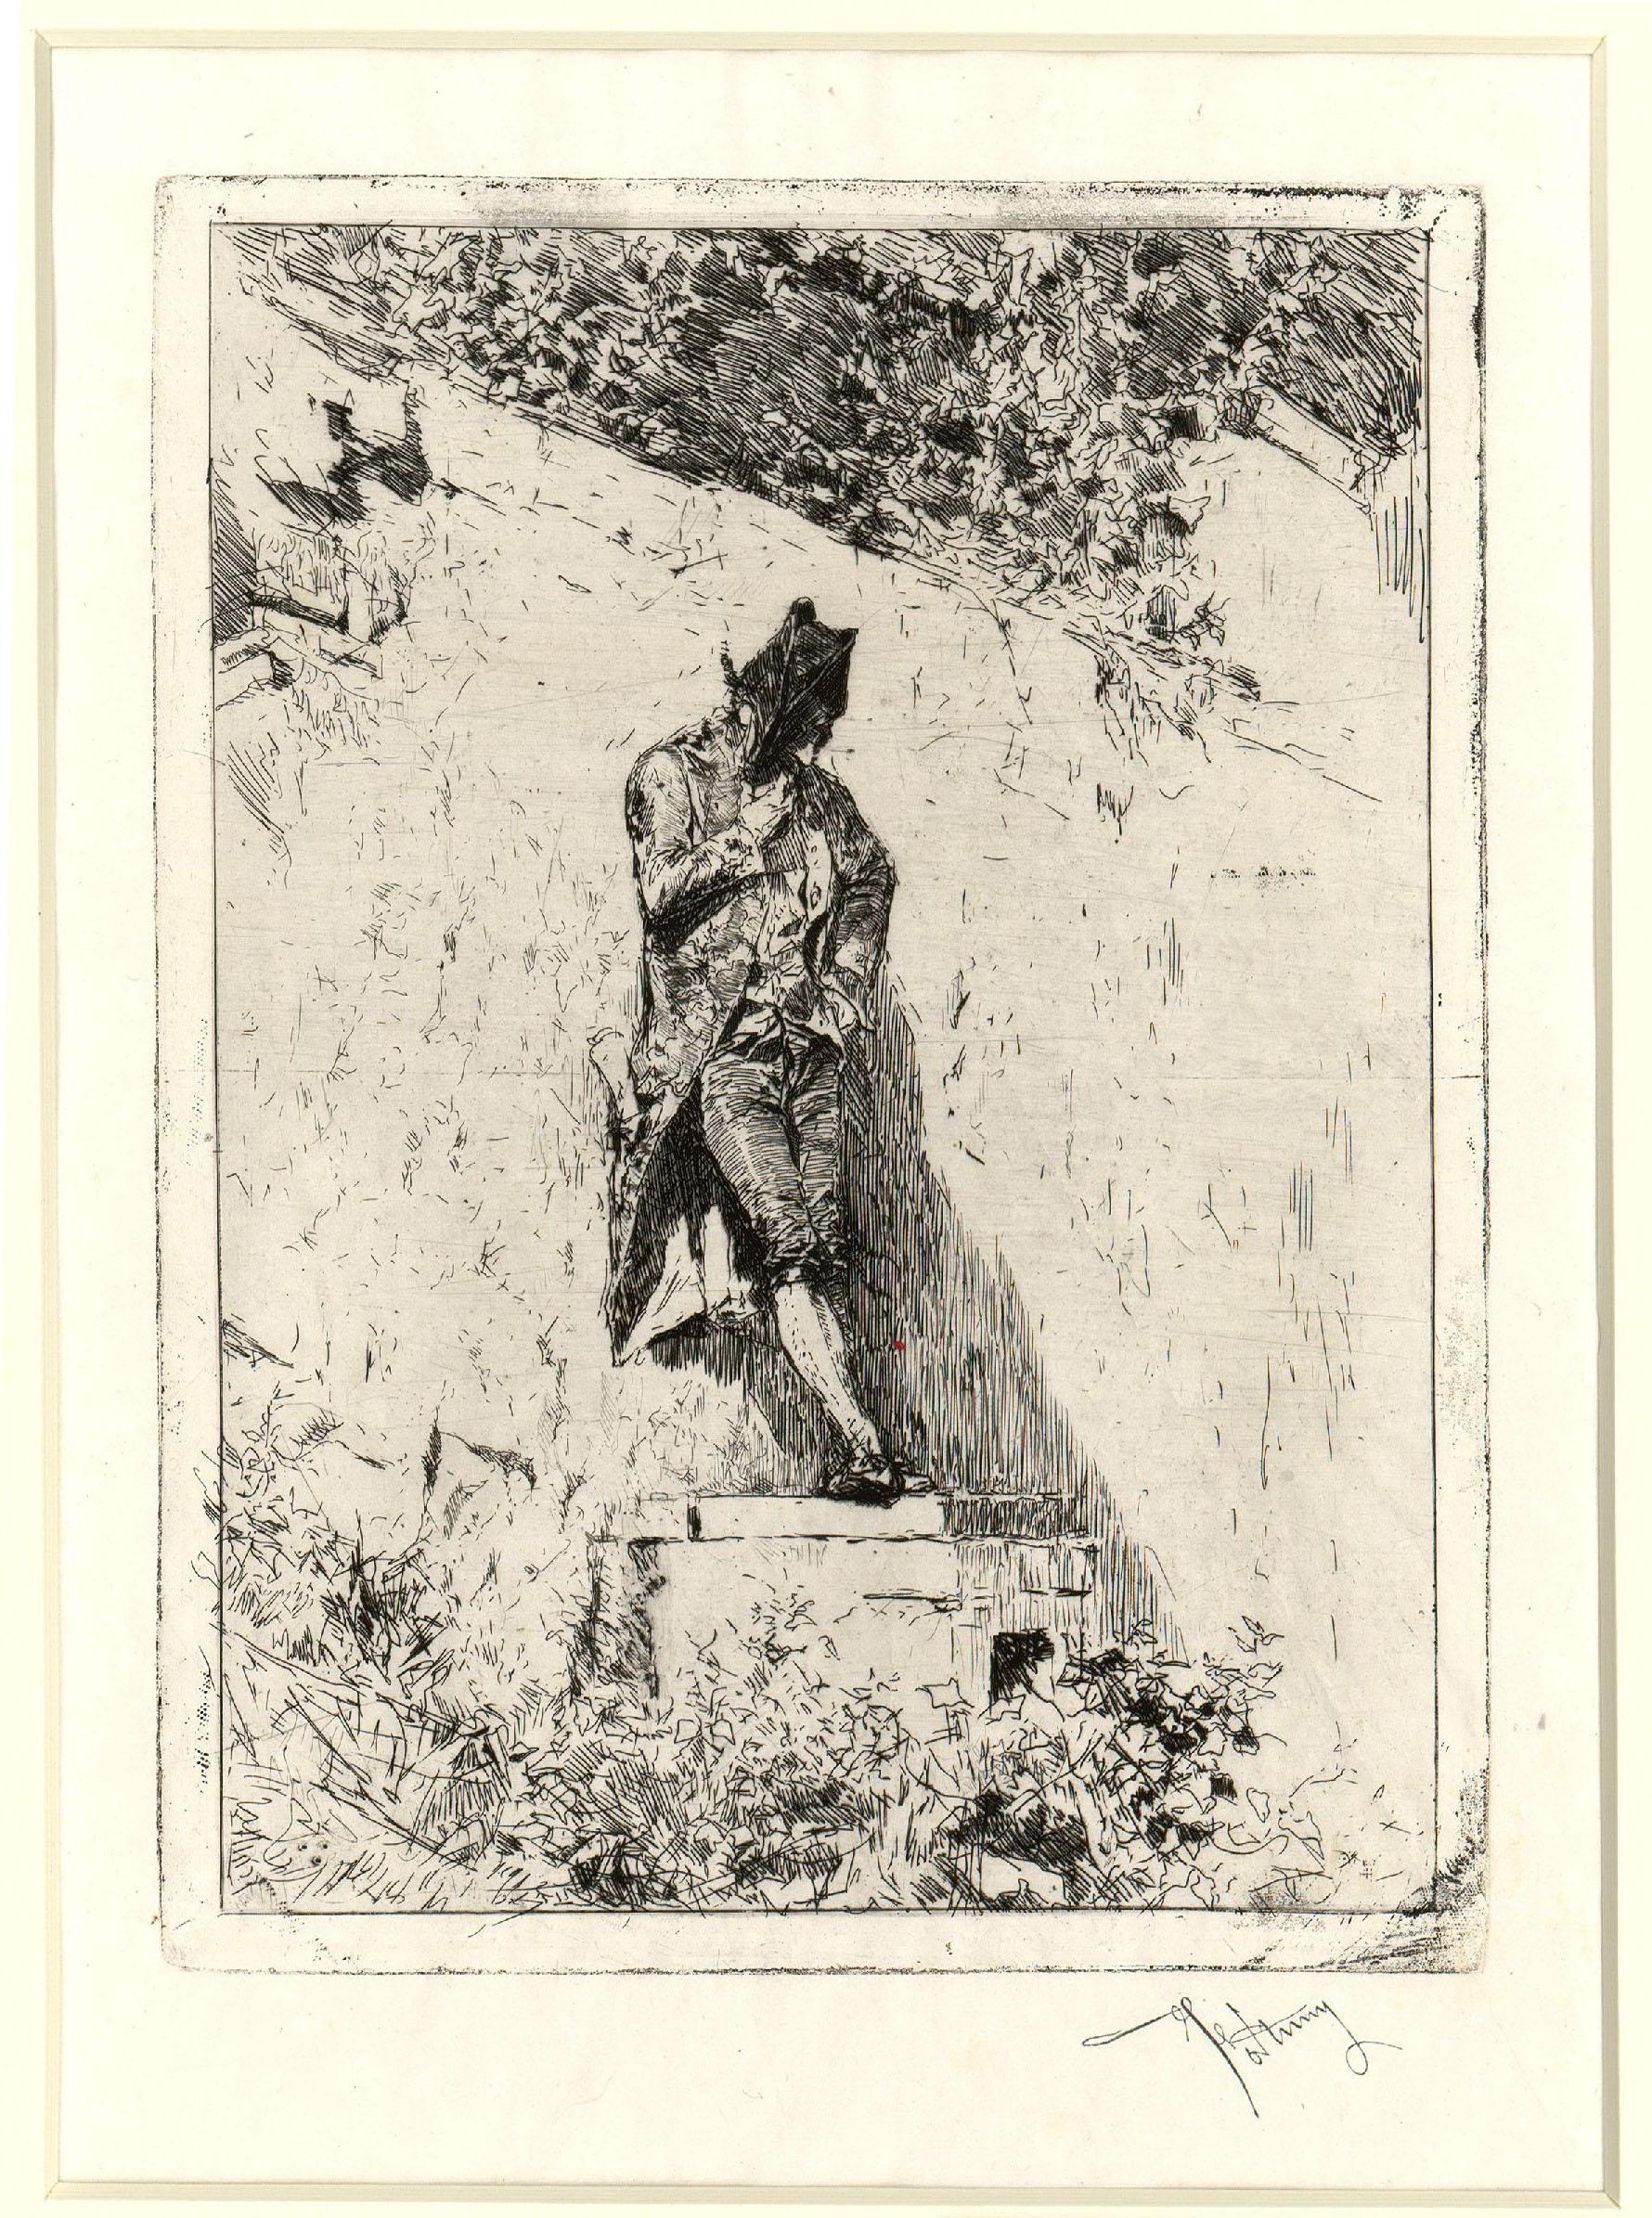 Marià Fortuny - Meditació - Cap a 1869